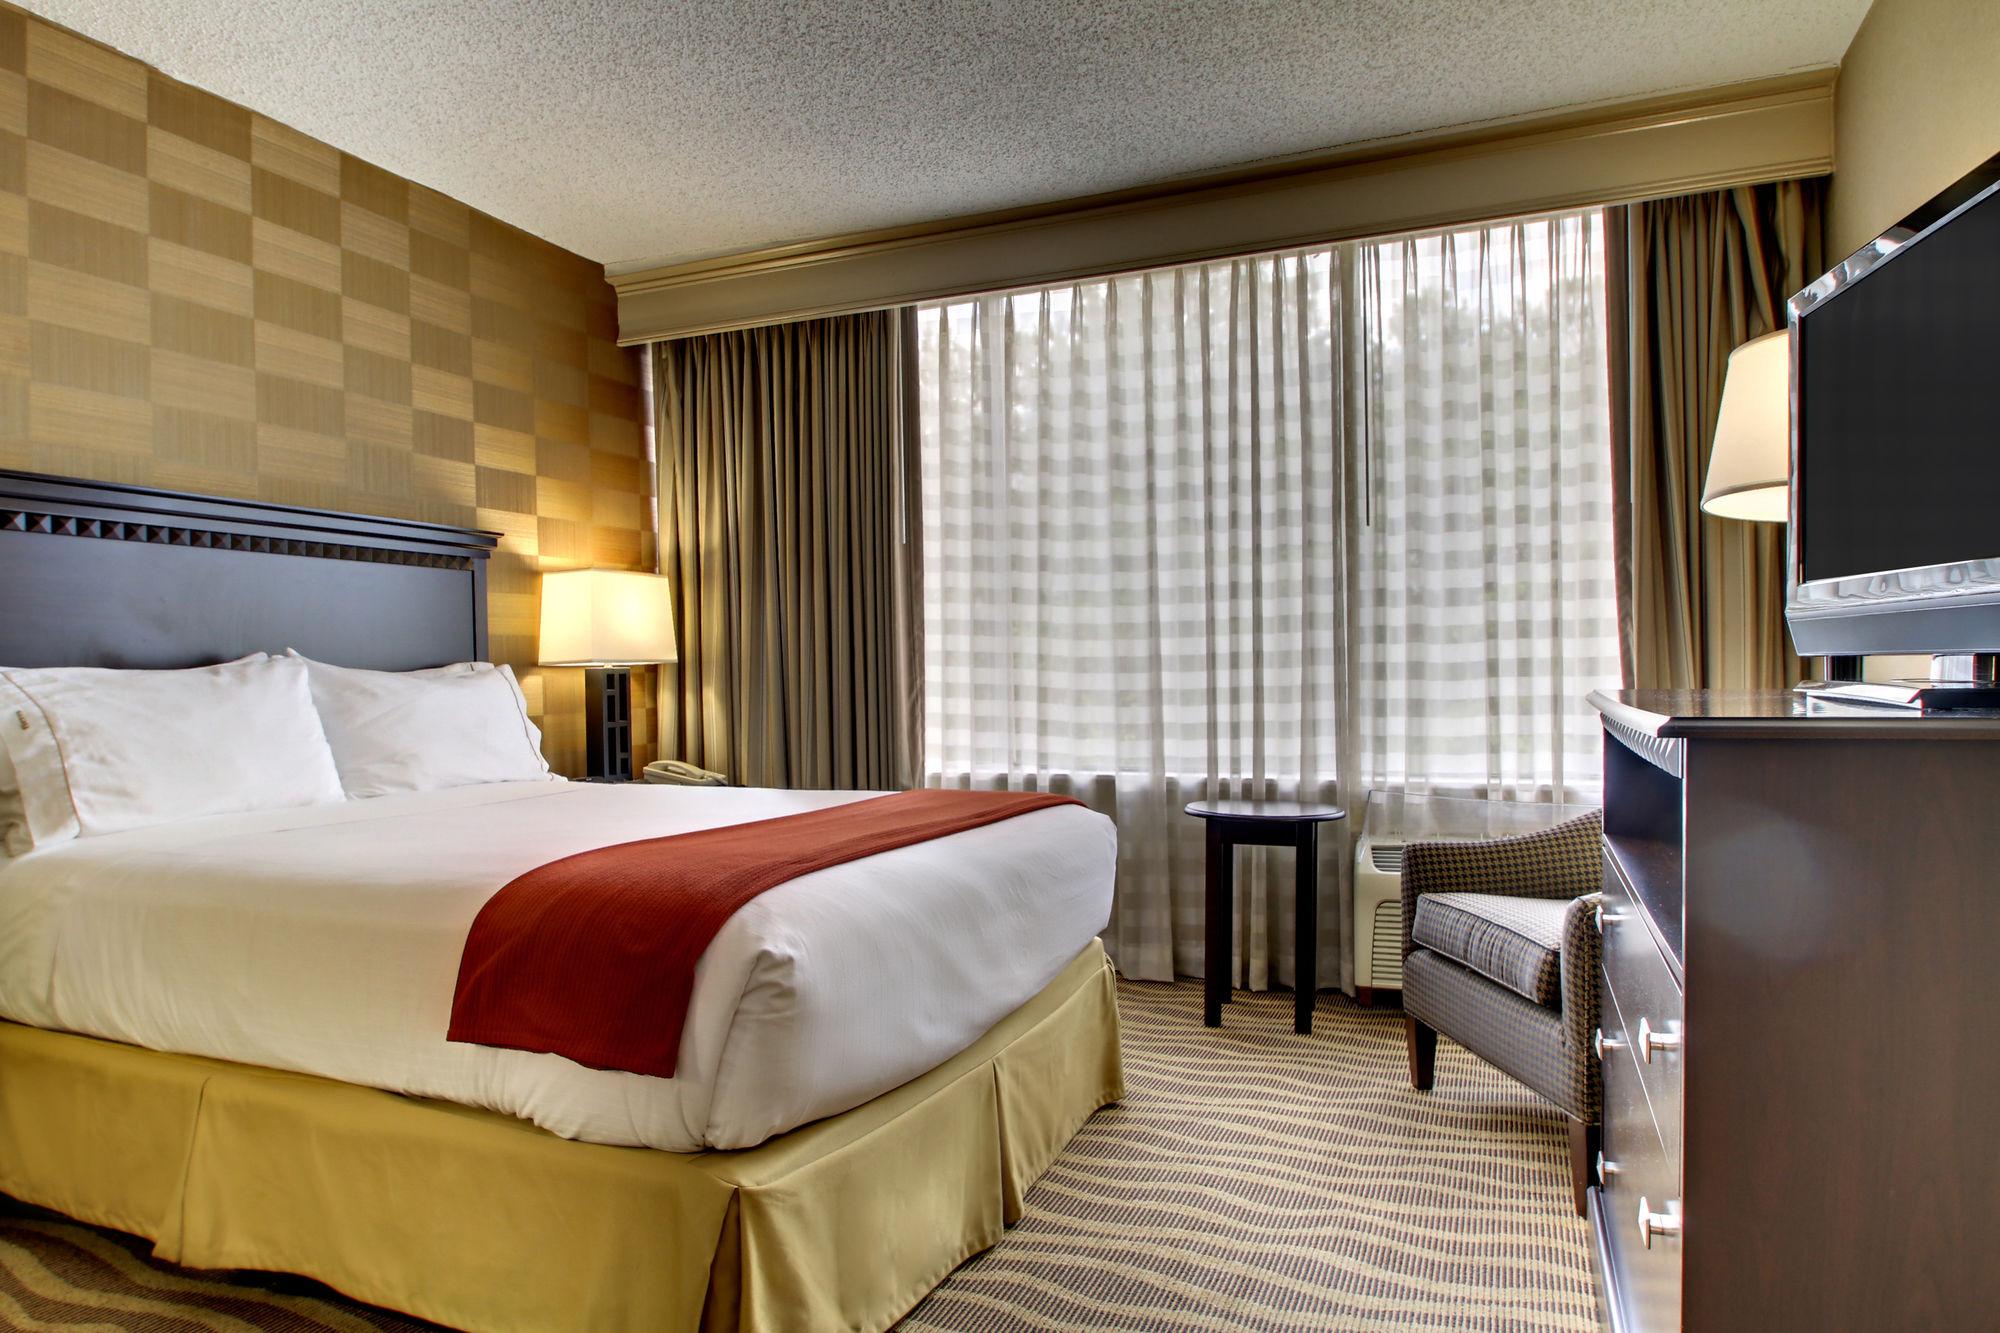 Holiday Inn Express Kennesaw in Kennesaw, GA